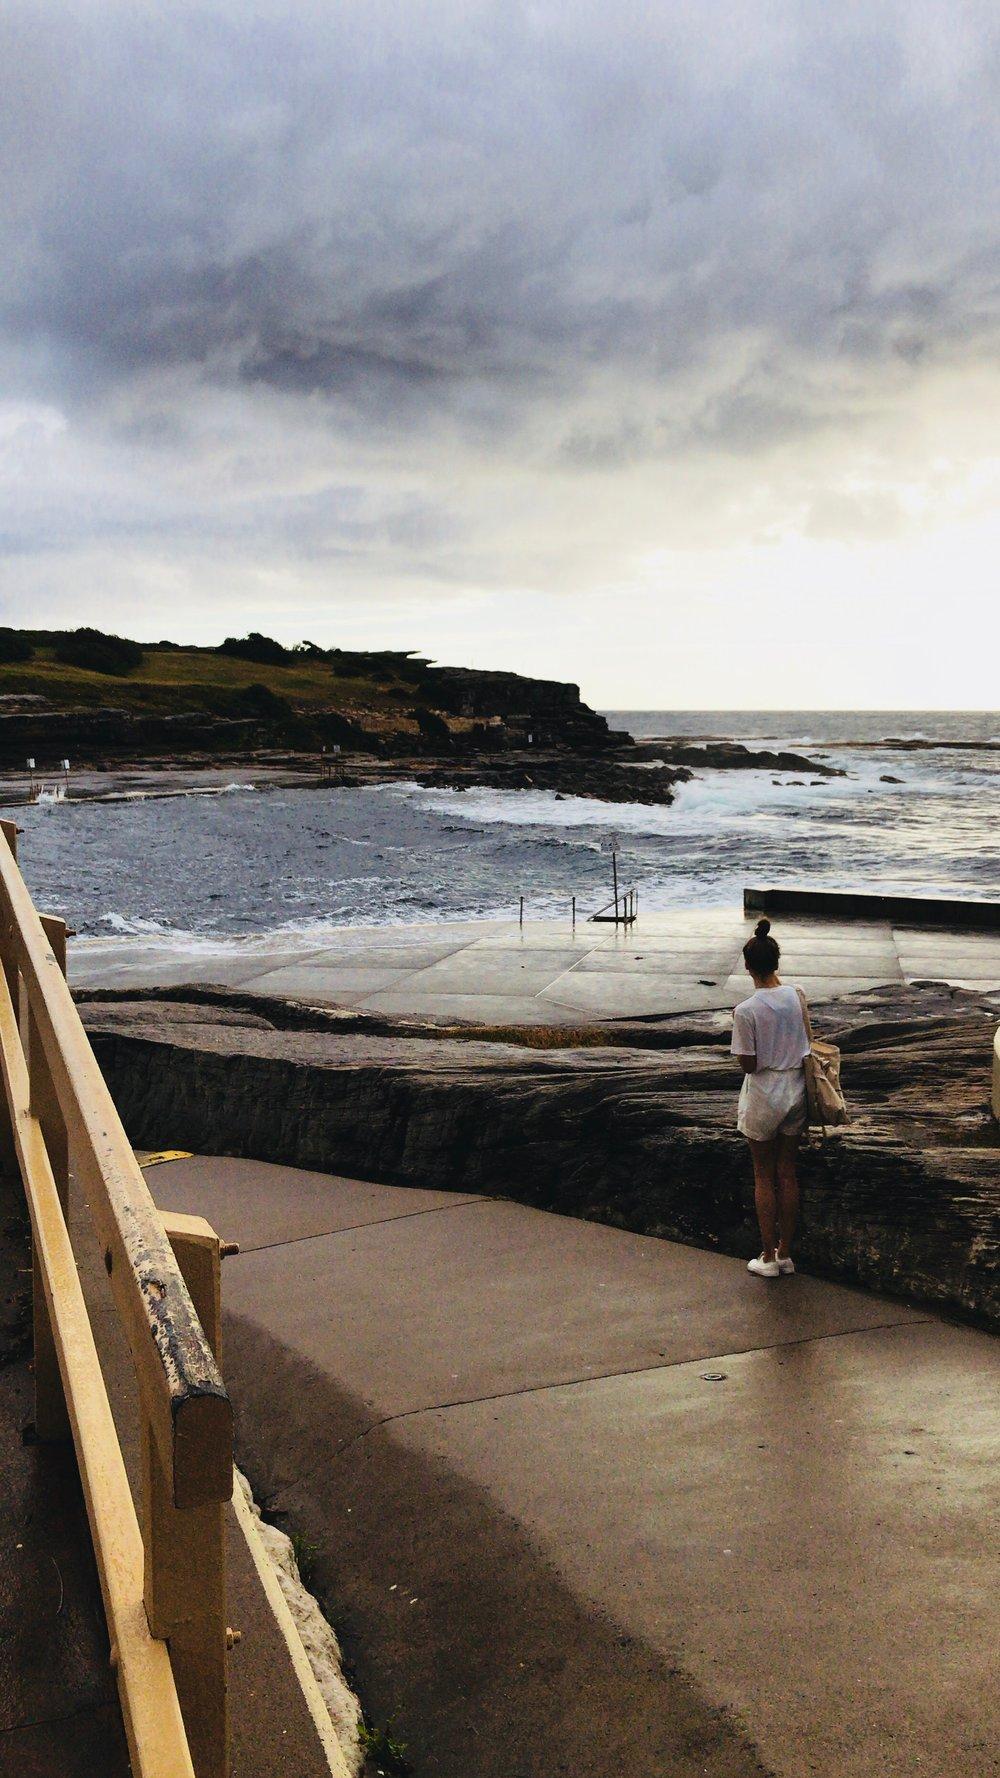 beach-daylight-horizon-1674107.jpg